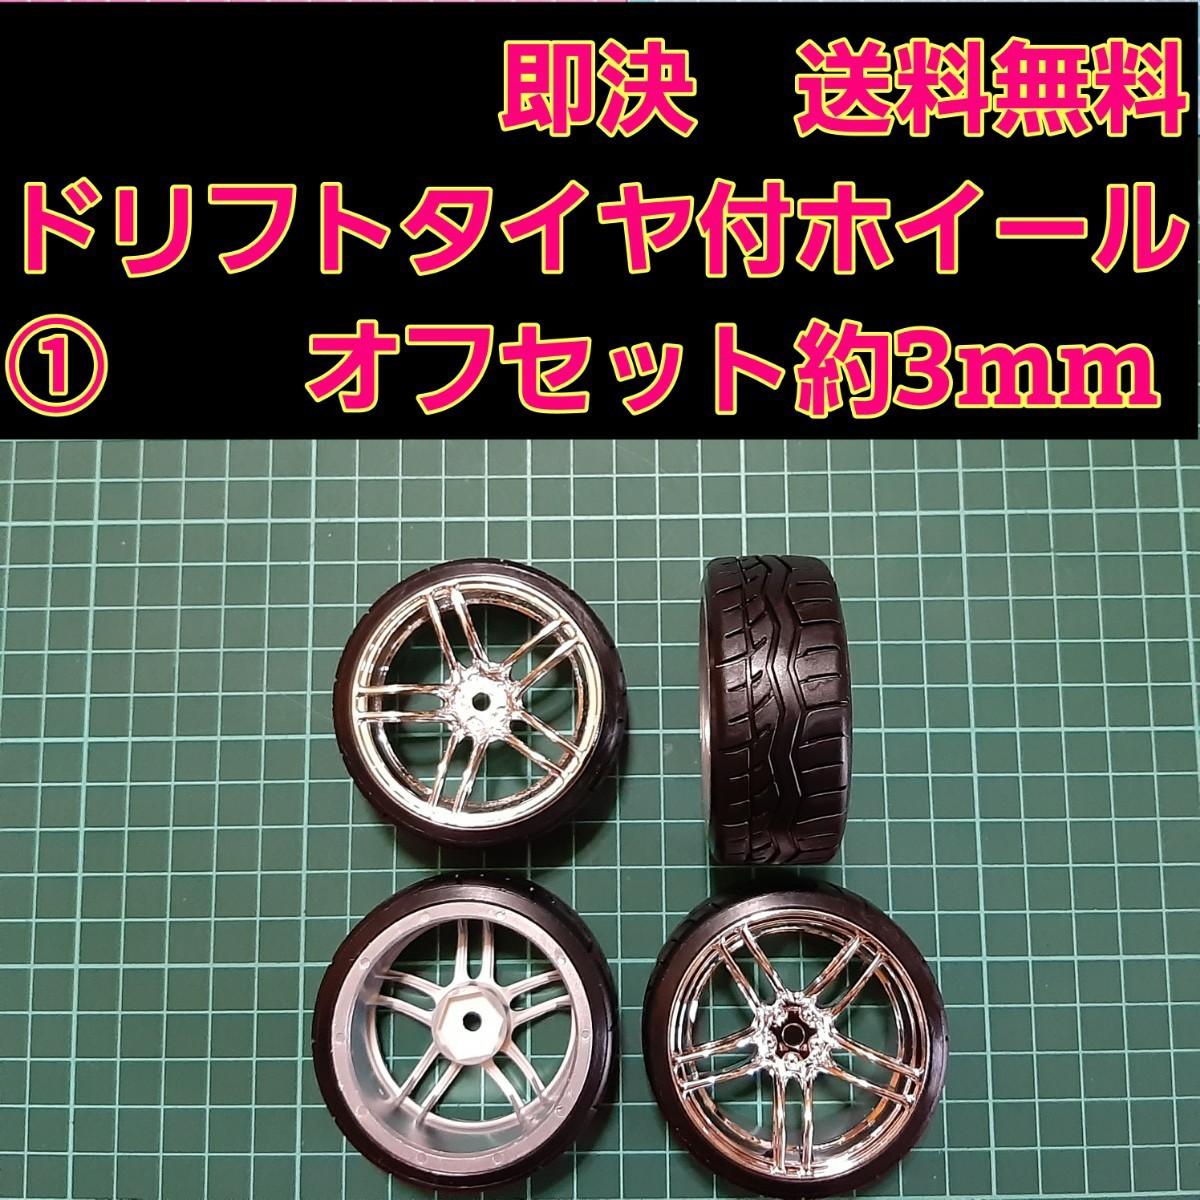 ドリフト タイヤ ホイール ①   ラジコン TT01 TT02 ドリパケ YD-2 サクラ D4 D5 D3 TB03 TA05